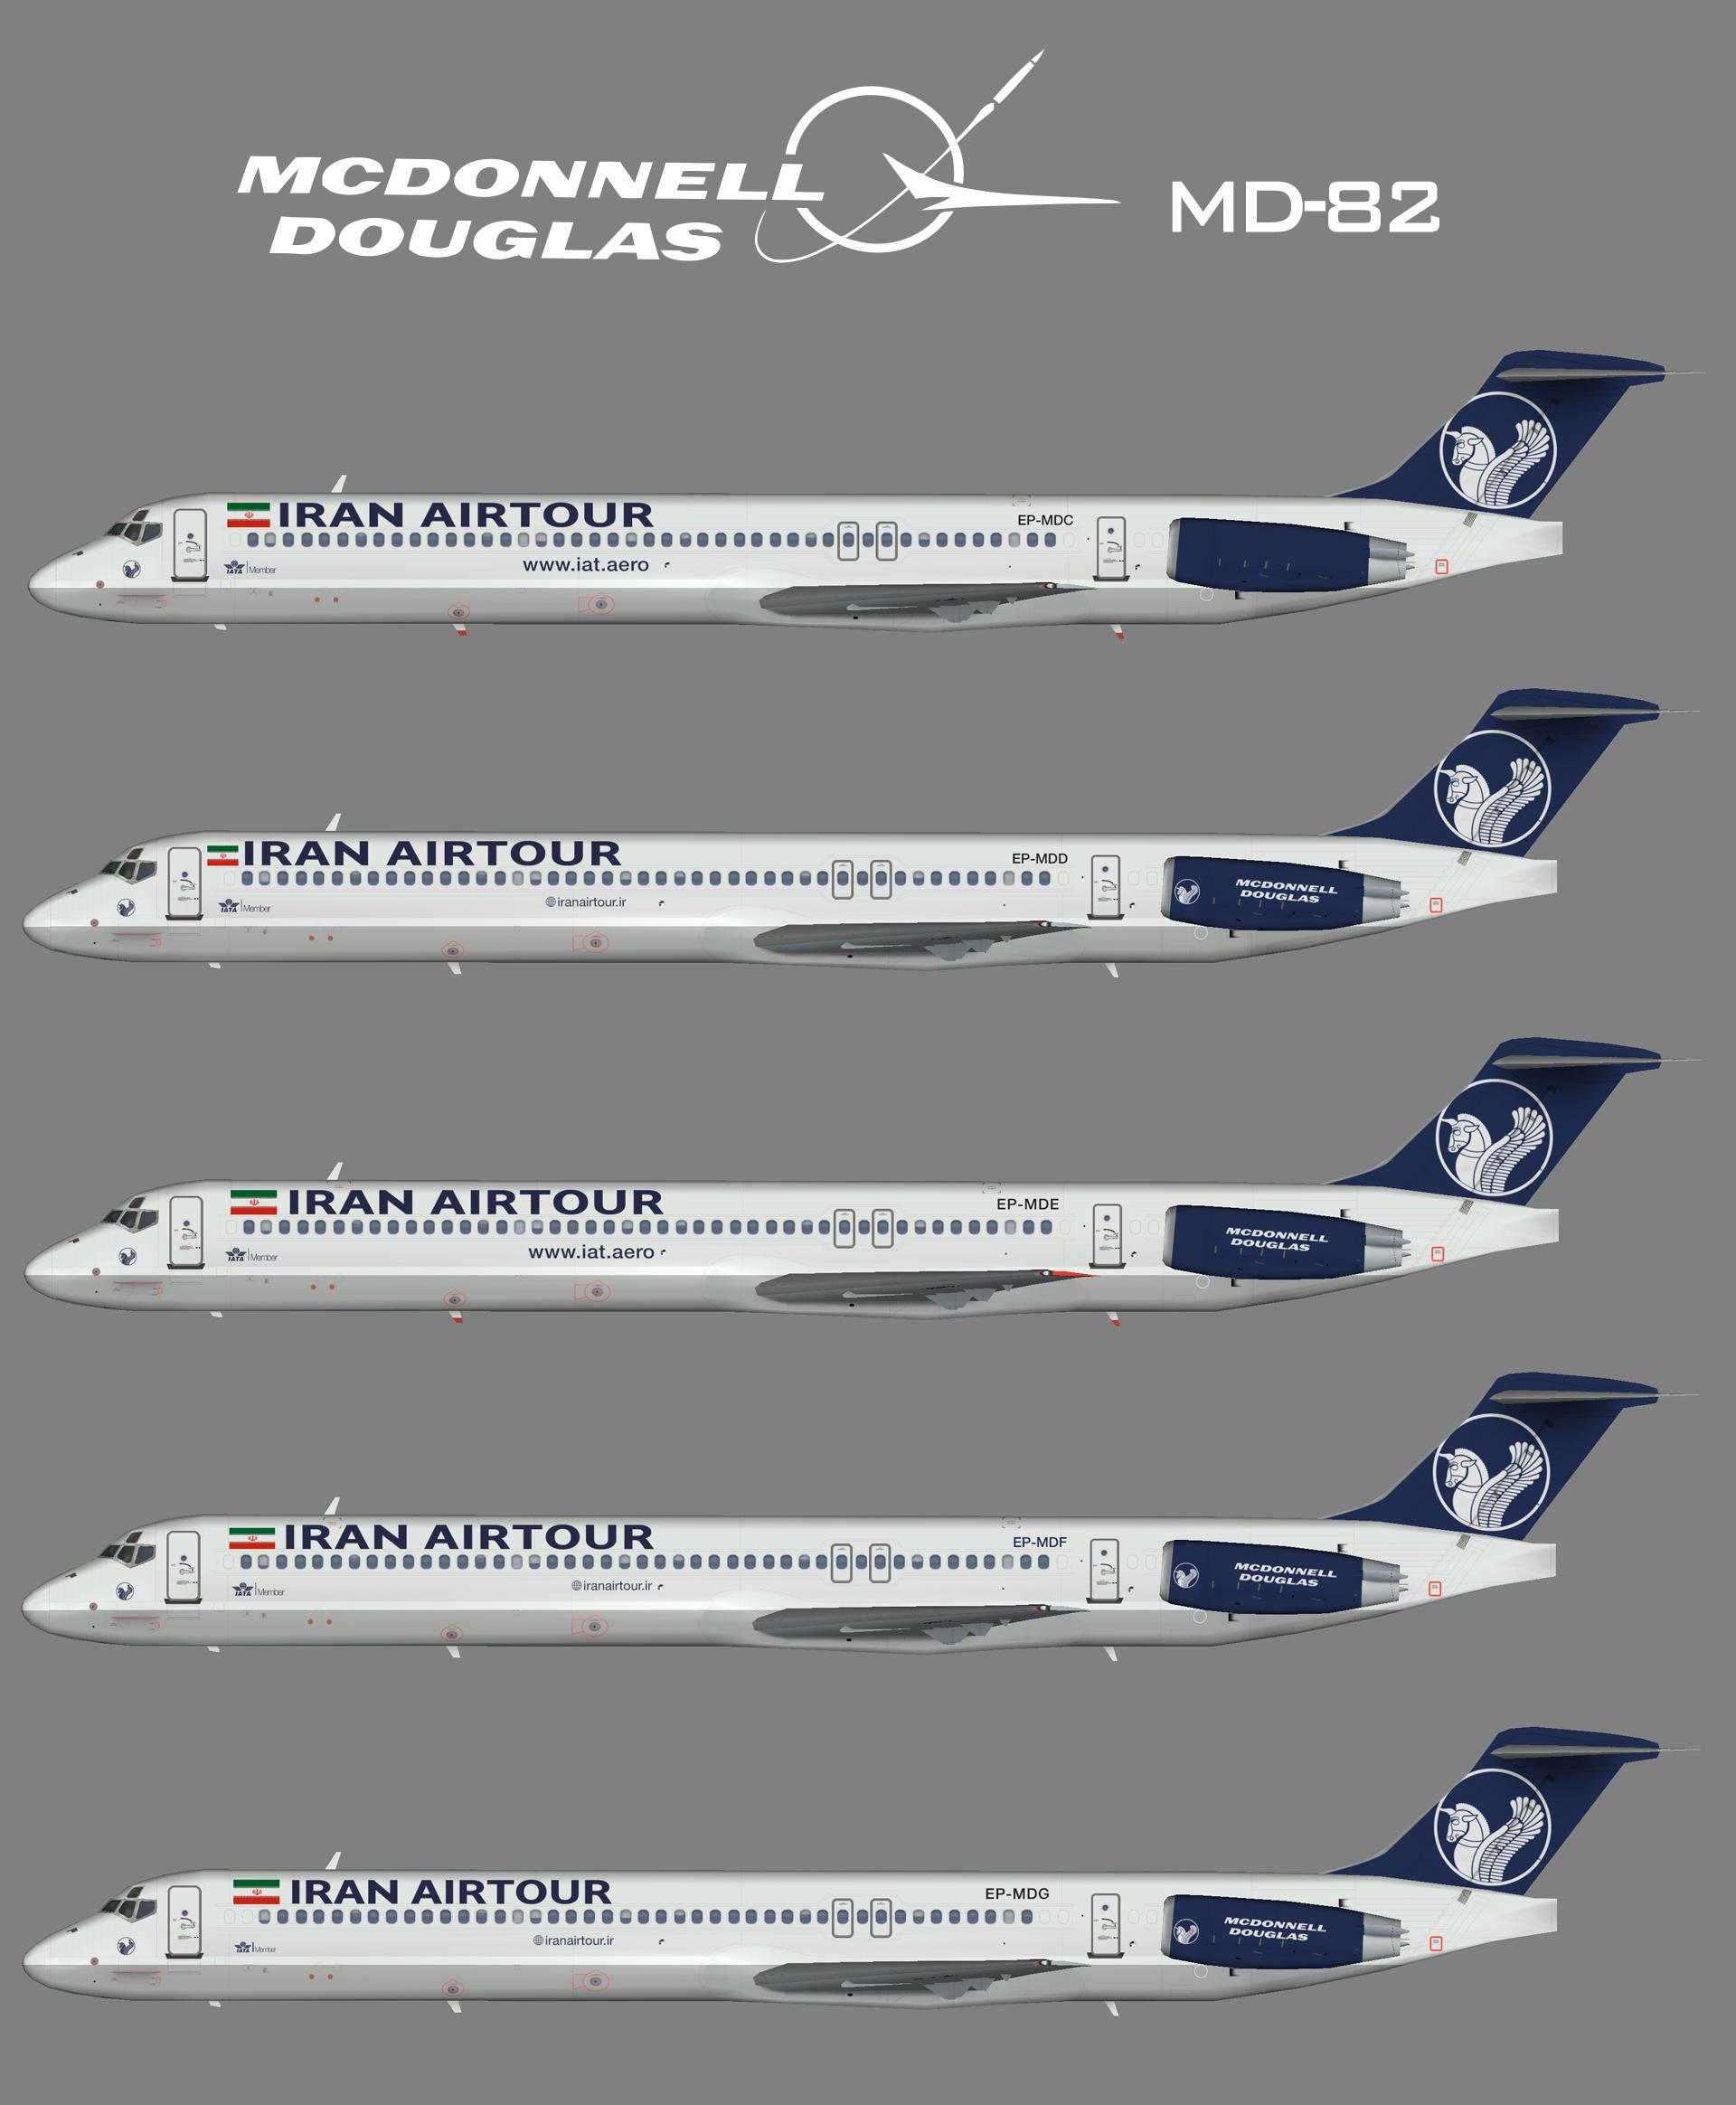 Iran Airtour McDonnell Douglas MD-82